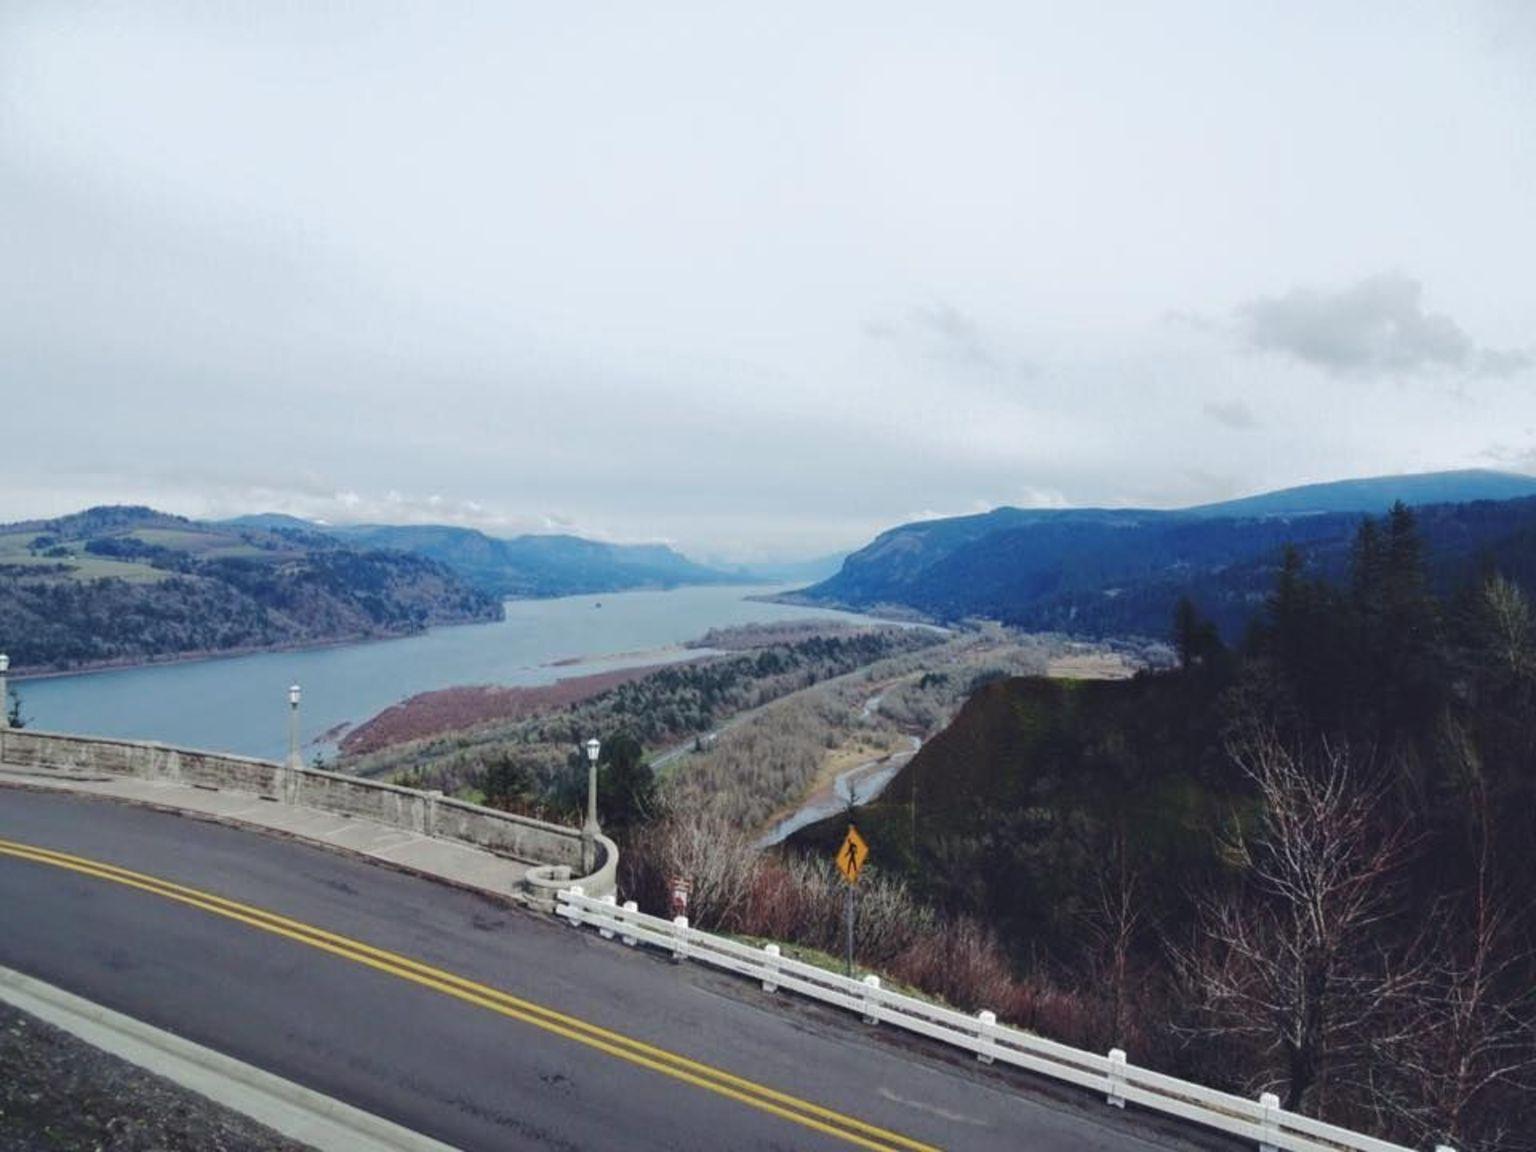 MÁS FOTOS, Excursión a las cascadas de la garganta del río Columbia desde Portland